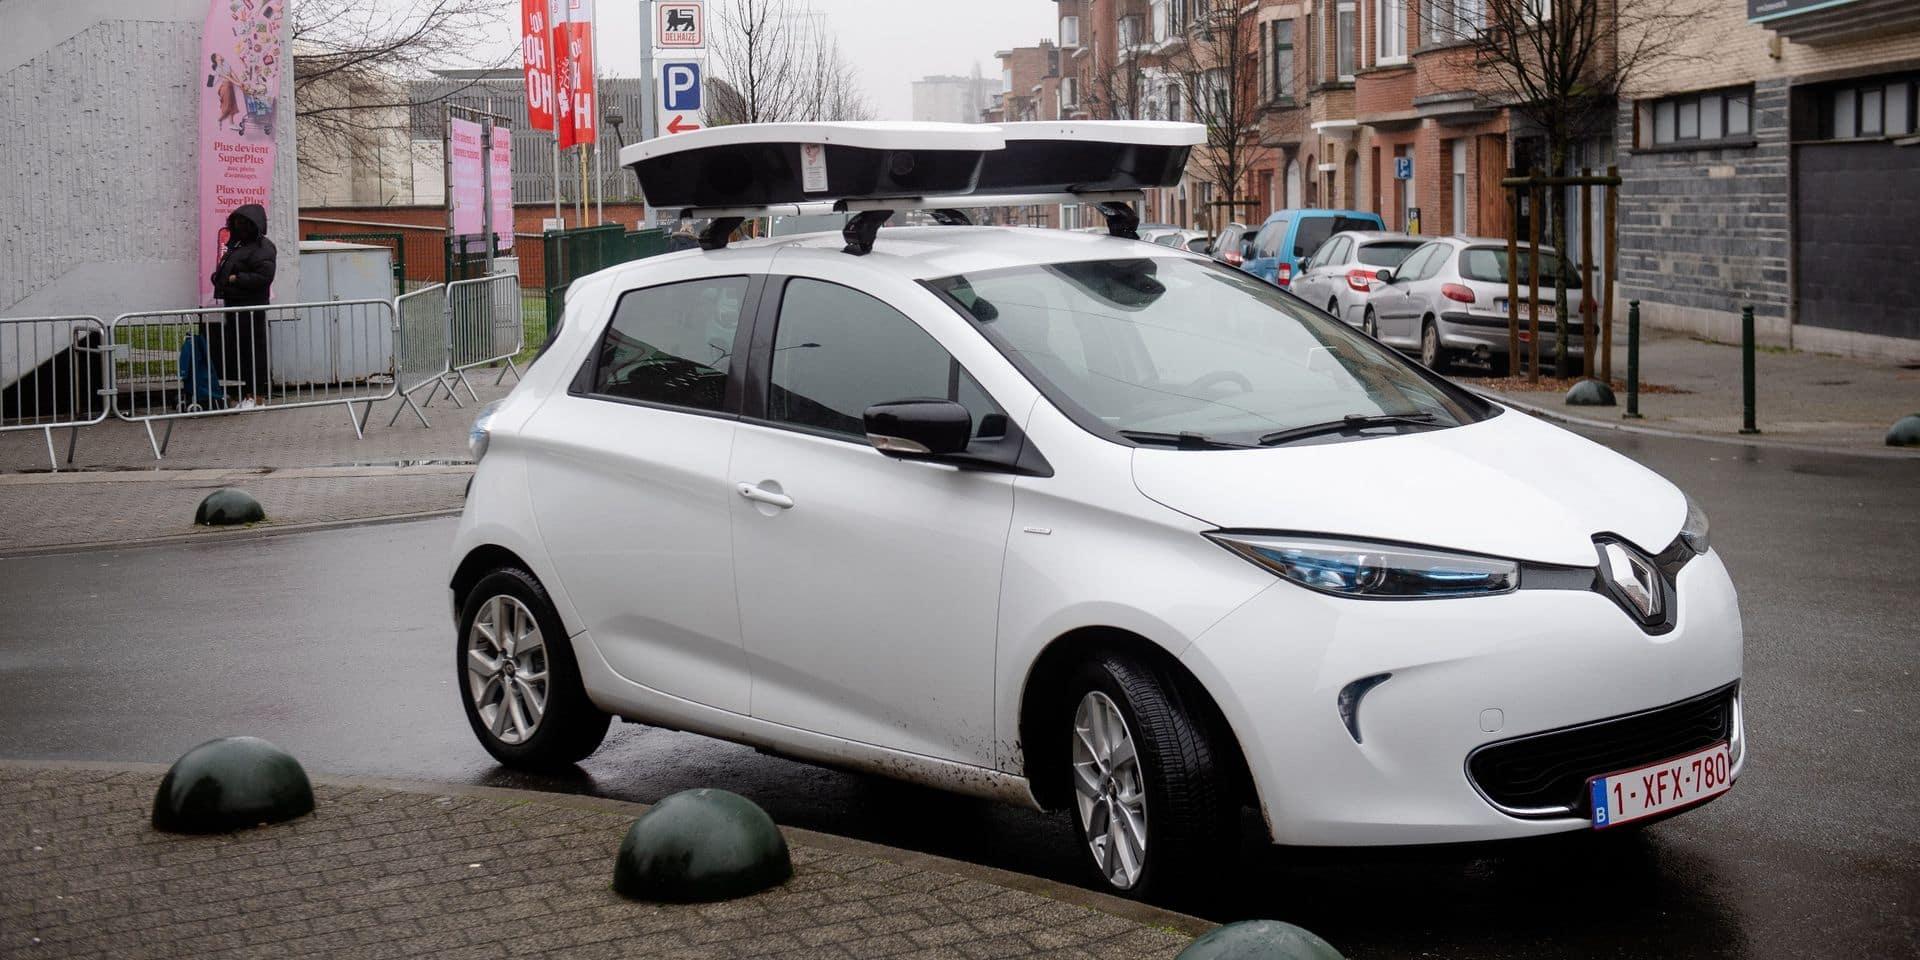 """""""Les scancars carburent avec une efficacité redoutable"""": le nombre d'amendes a explosé à Bruxelles !"""